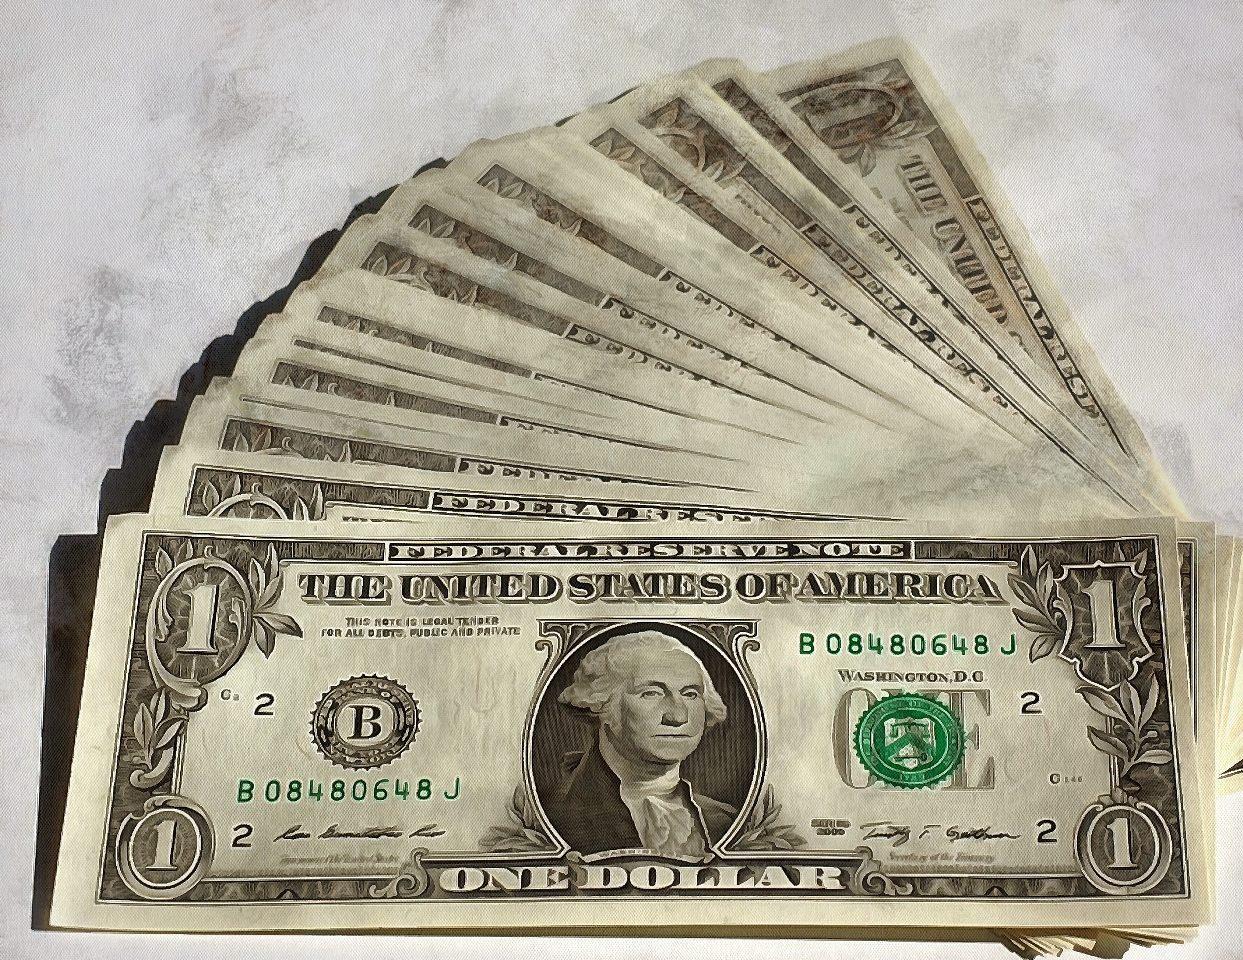 Money Free Images, Income Public Domain Images, Dollars free,Money Free Stock Images, Income free images, Public Domain Images